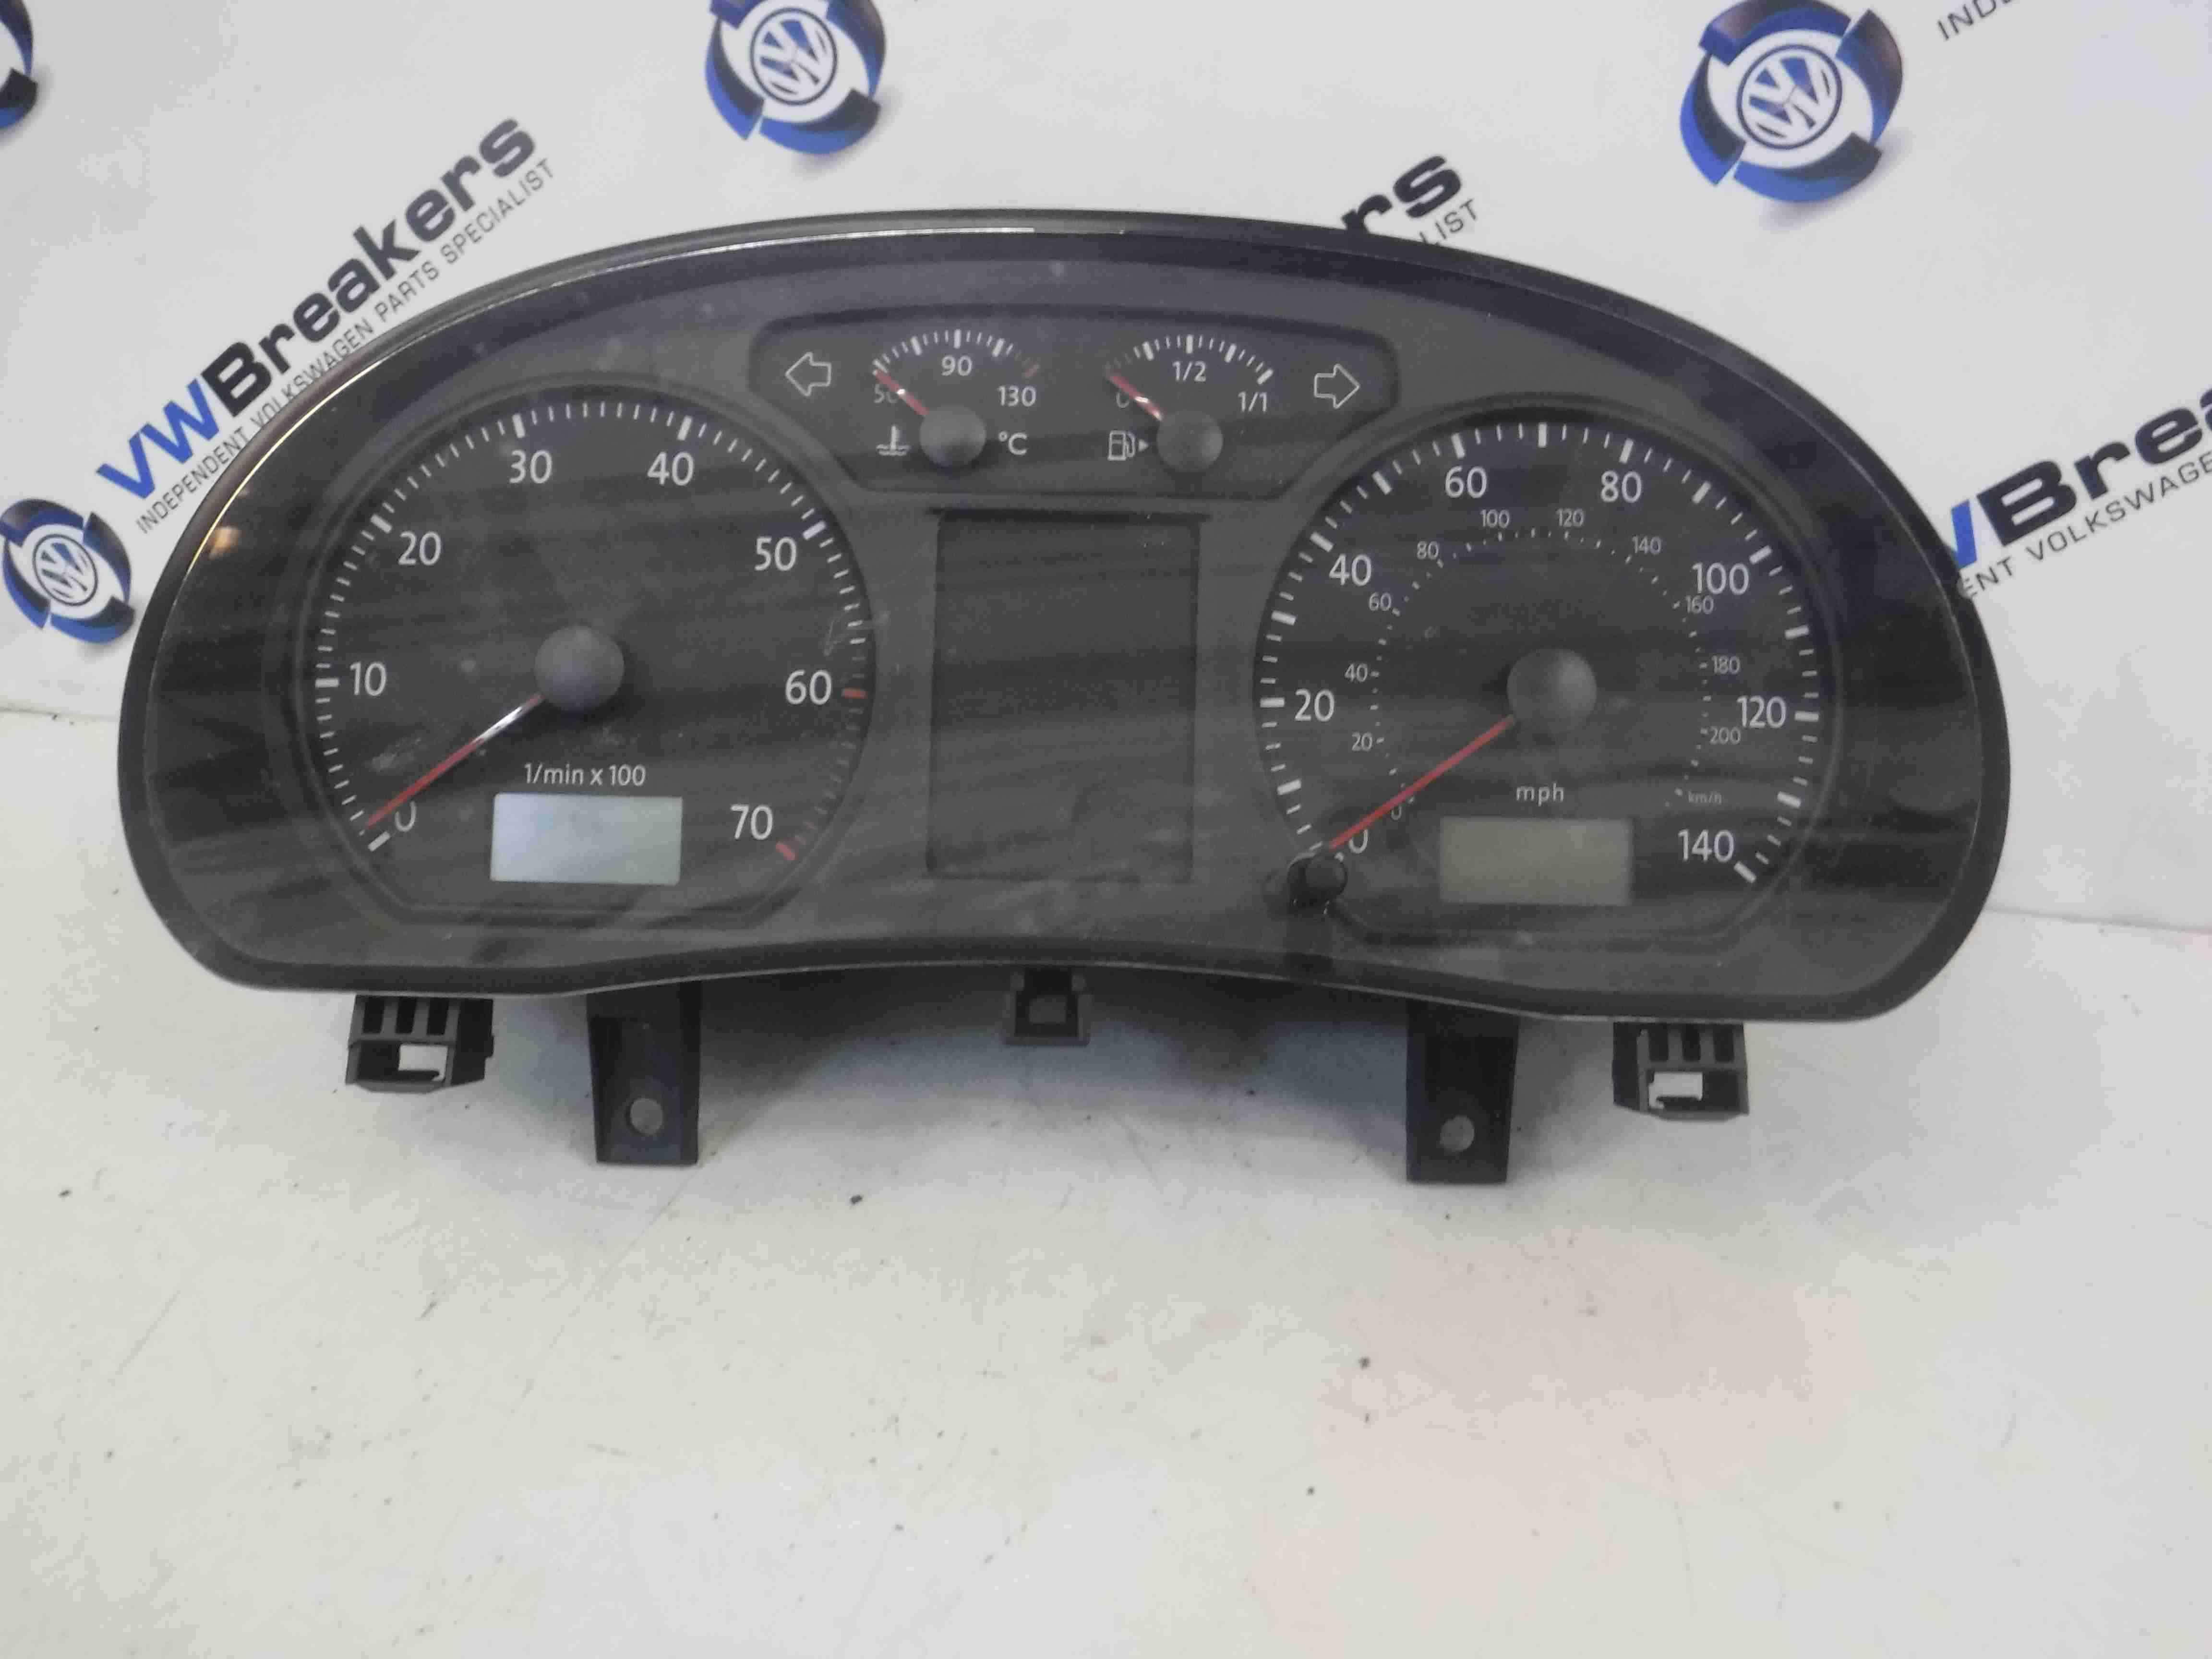 Volkswagen Polo 9N3 2006-2008 Instrument Panel Dials Gauges Clocks 120K